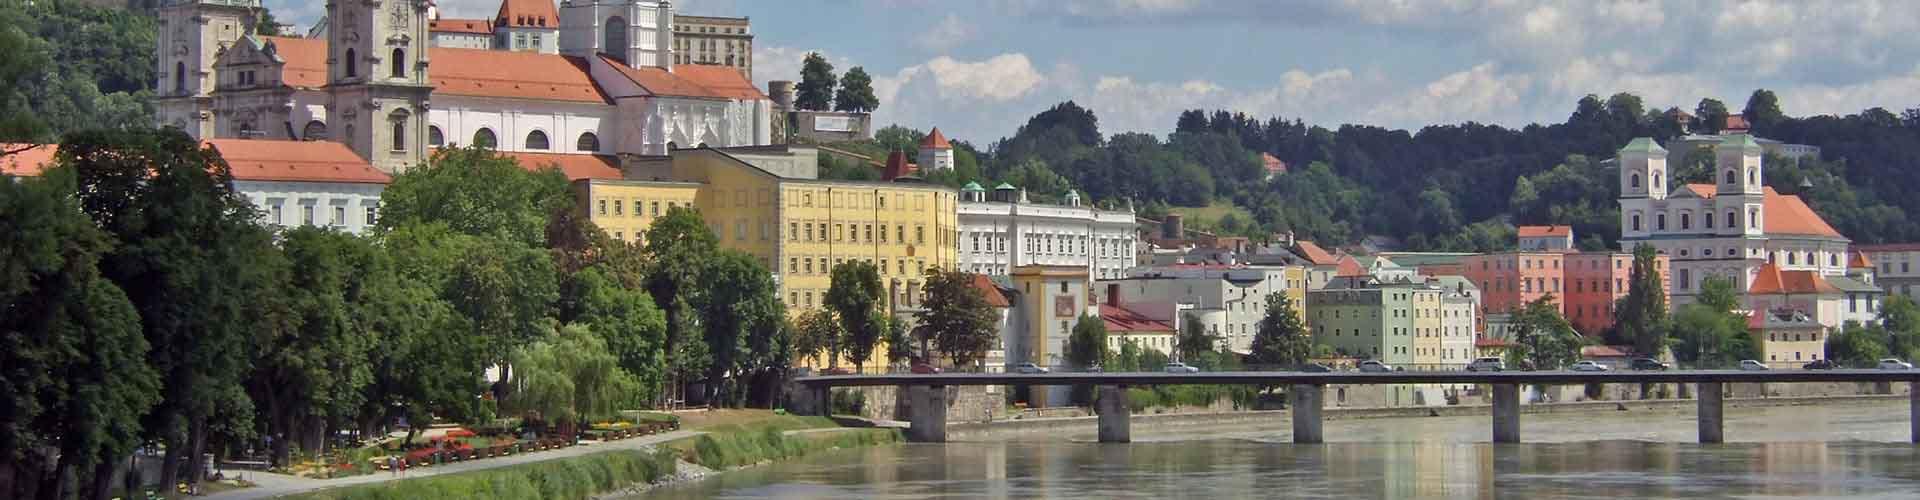 Passau - Chambres à Passau. Cartes pour Passau, photos et commentaires pour chaque chambre à Passau.